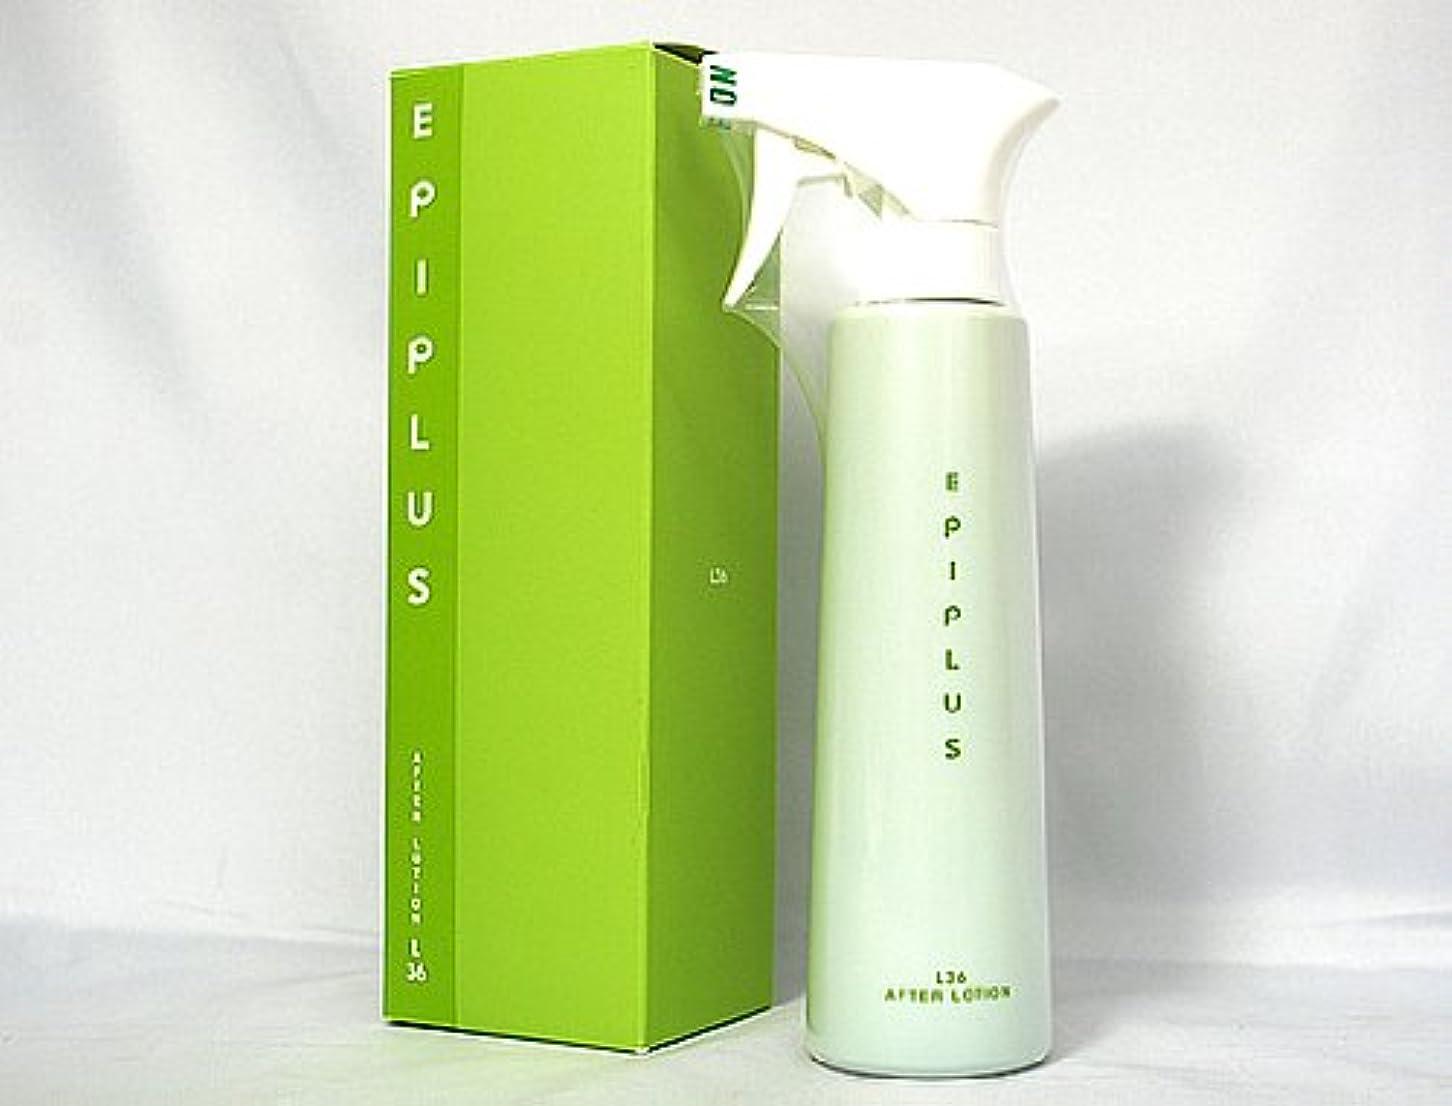 吸収剤強調するクリップEPIPLUS アフターローションL36 ノンアルコールタイプ 250ml